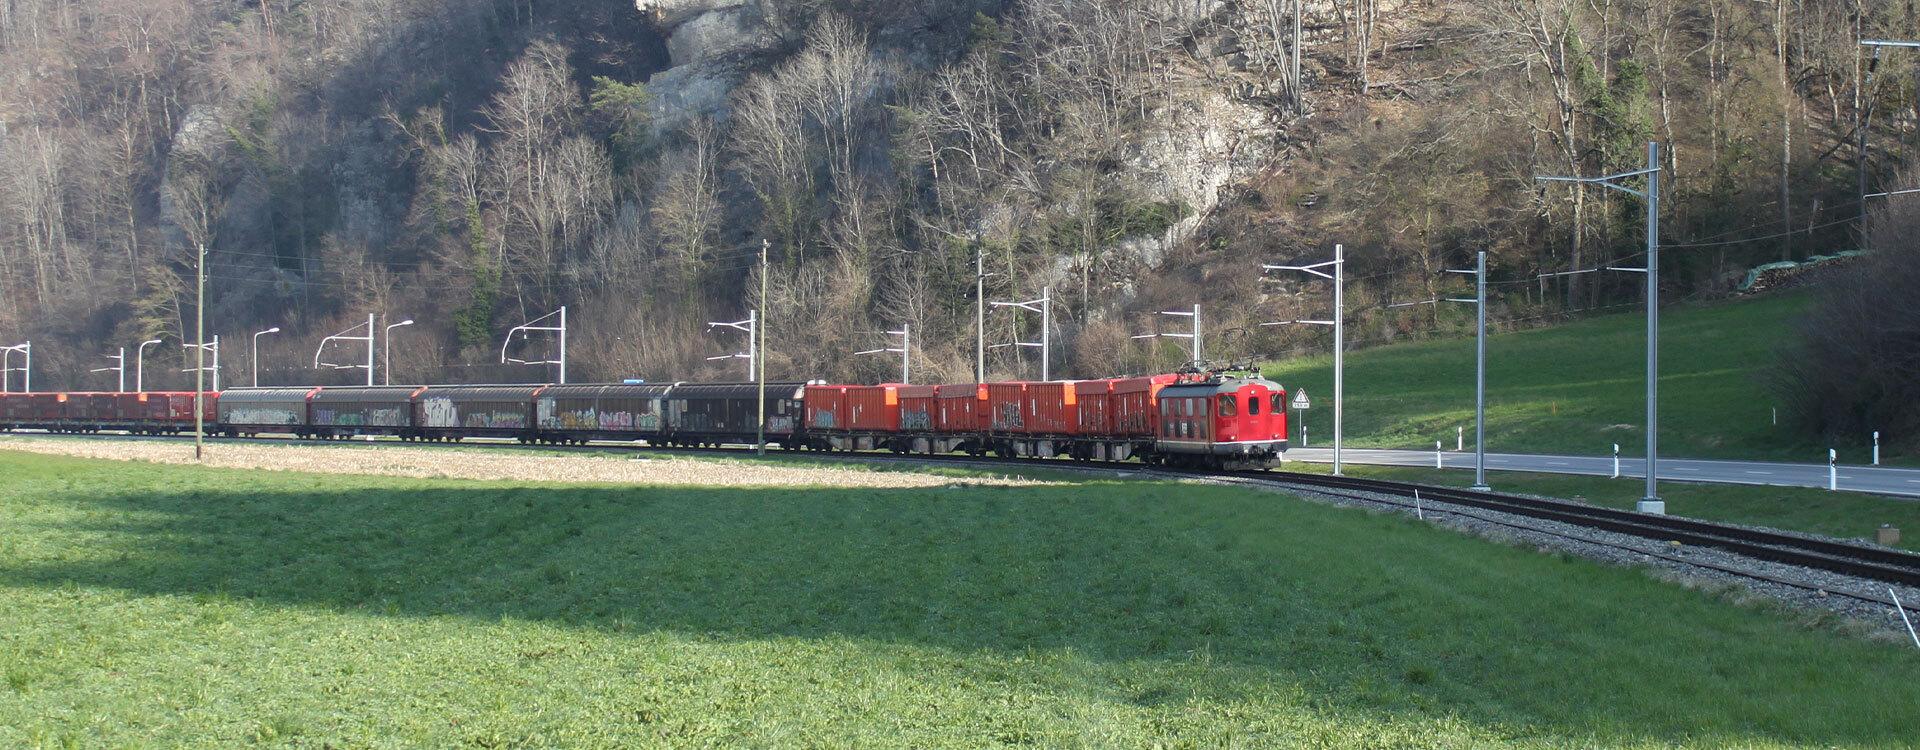 Güterverkehr - Oensingen-Balsthal-Bahn AG